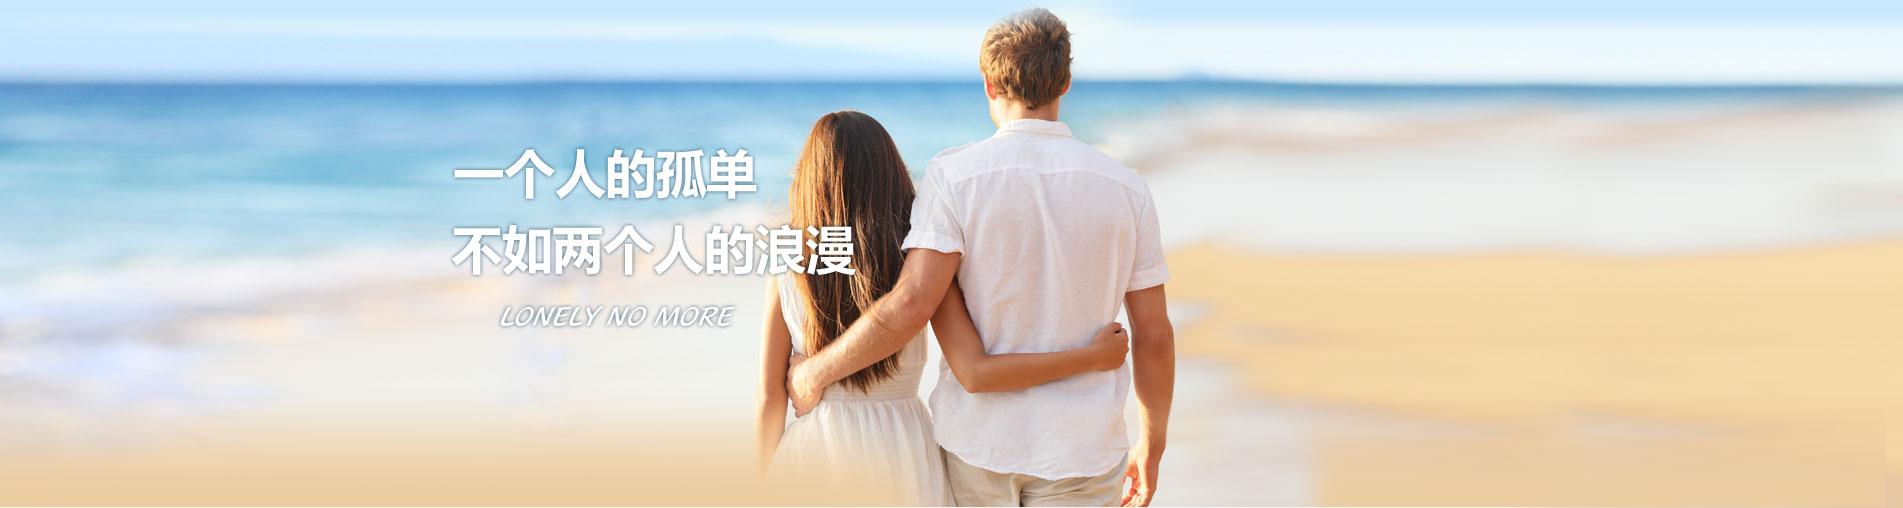 当物质无法满足时,72sbc.com我们寻觅心灵;当成功只剩下独享时,我们憧憬爱情。